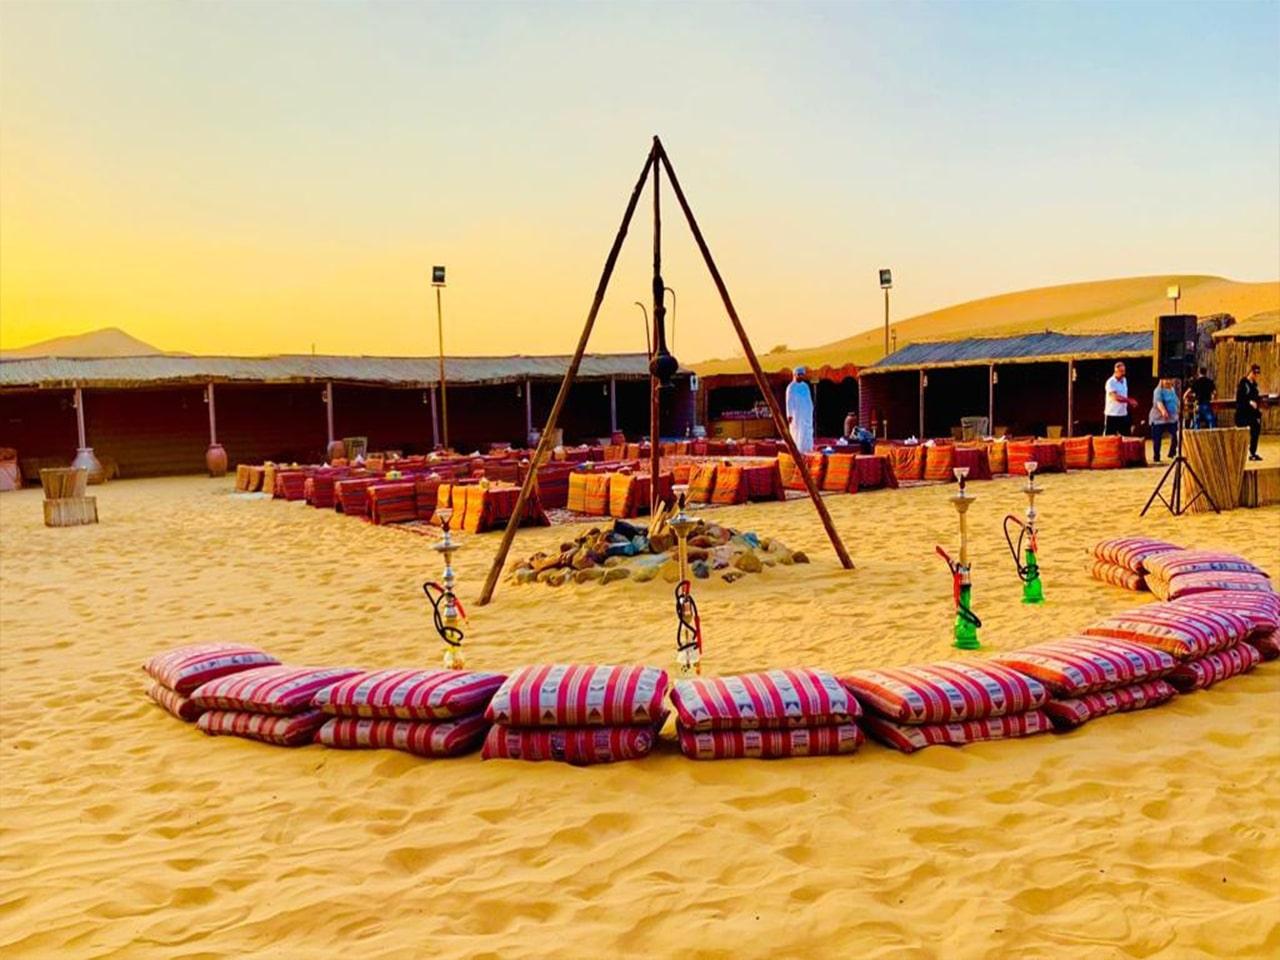 Dubai-Desert-Safari-Gallery-4